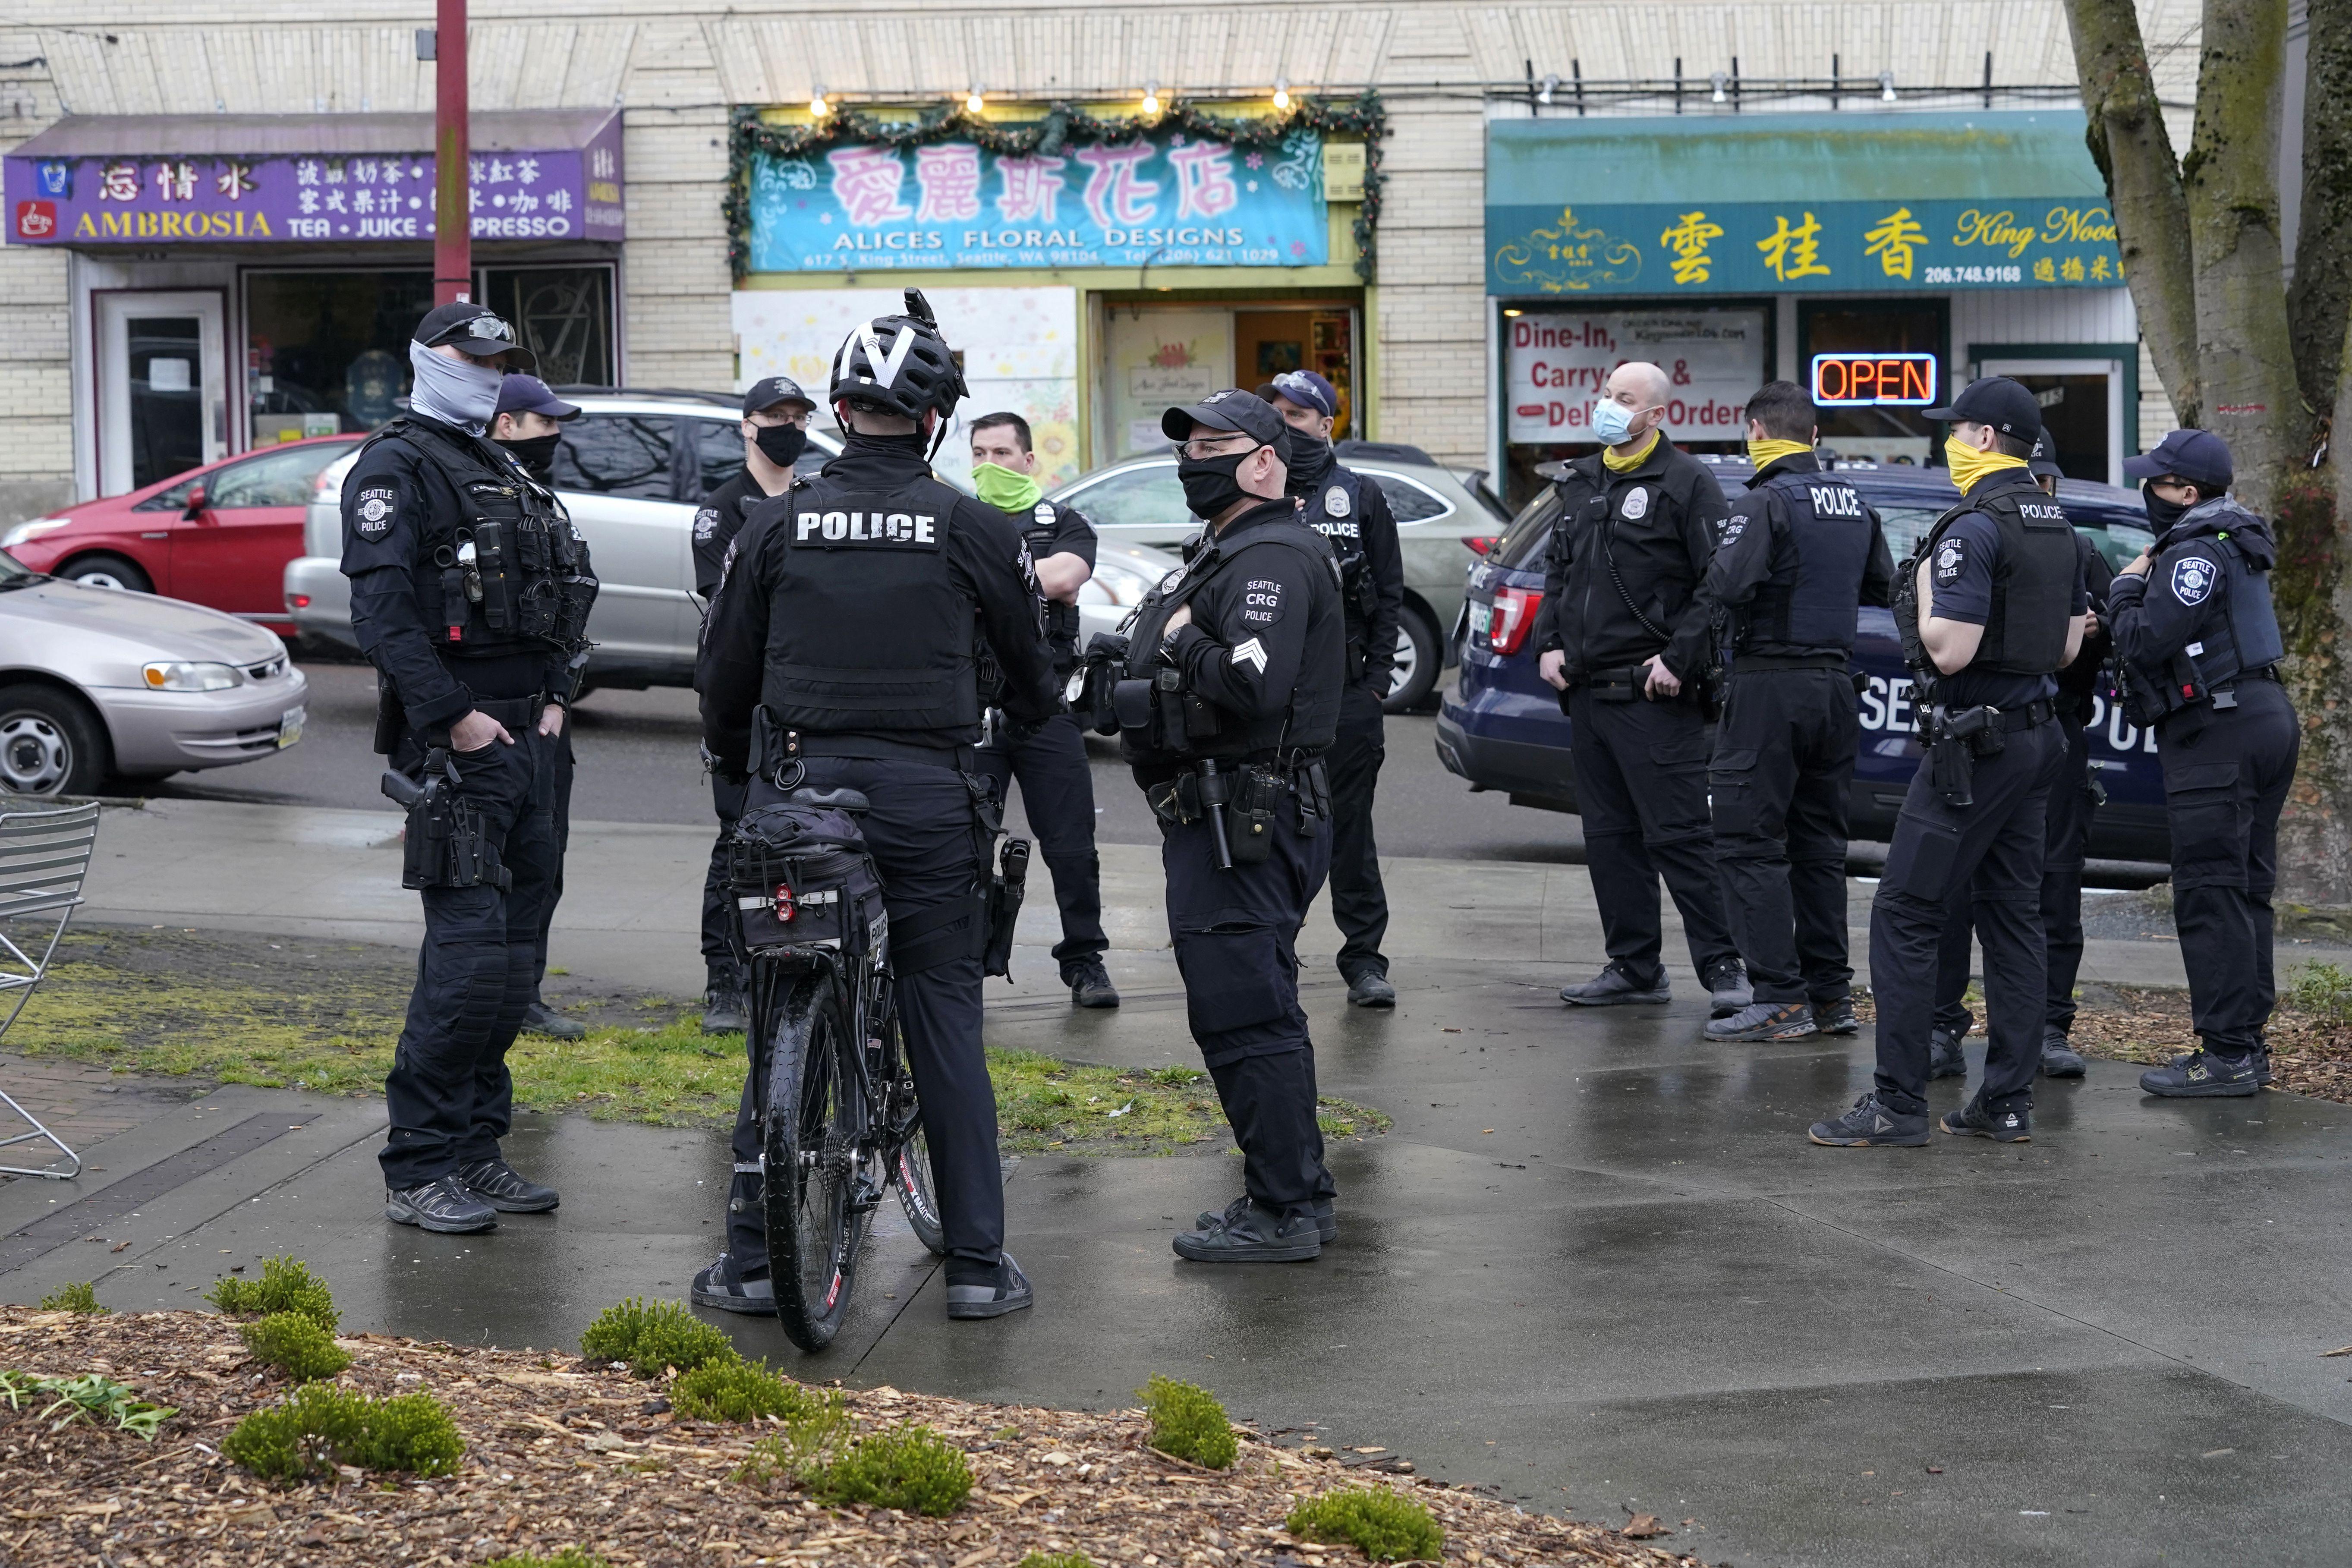 muchos policias en eeuu se resisten a vacunarse contra covid